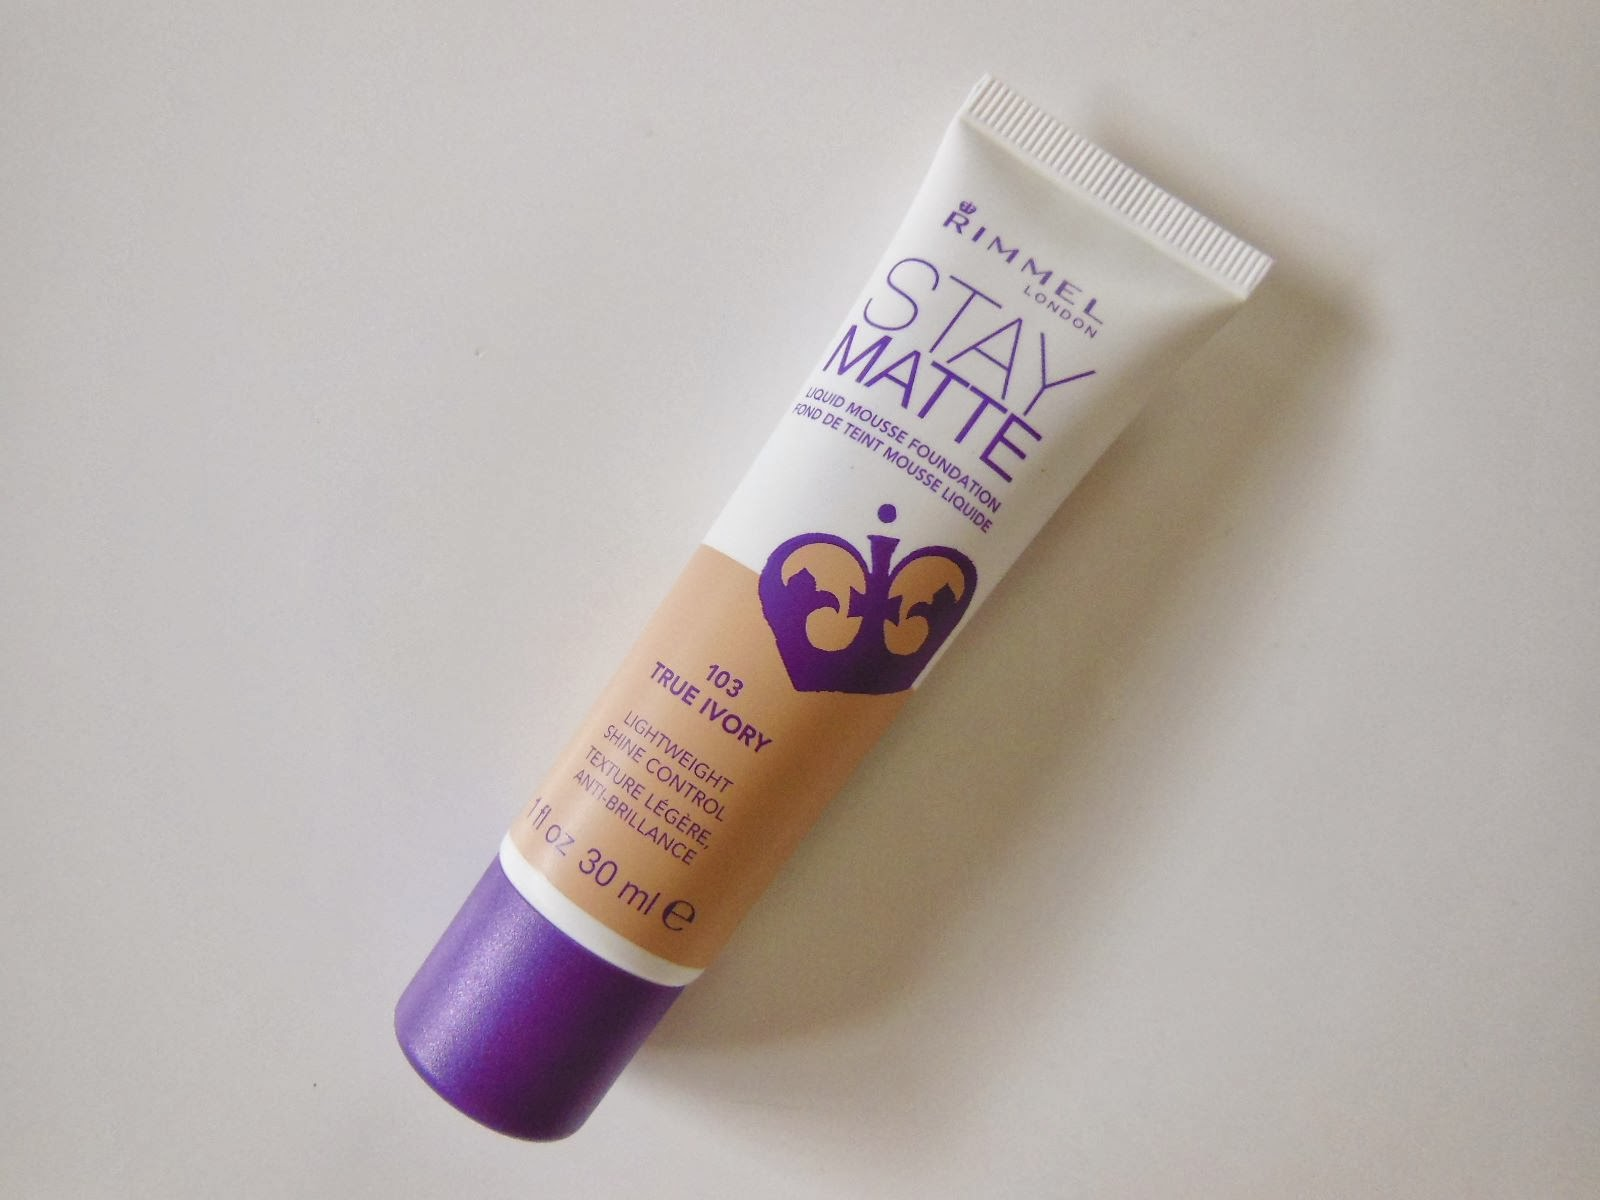 Product Review: Rimmel London Stay Matte Liquid Mousse ...